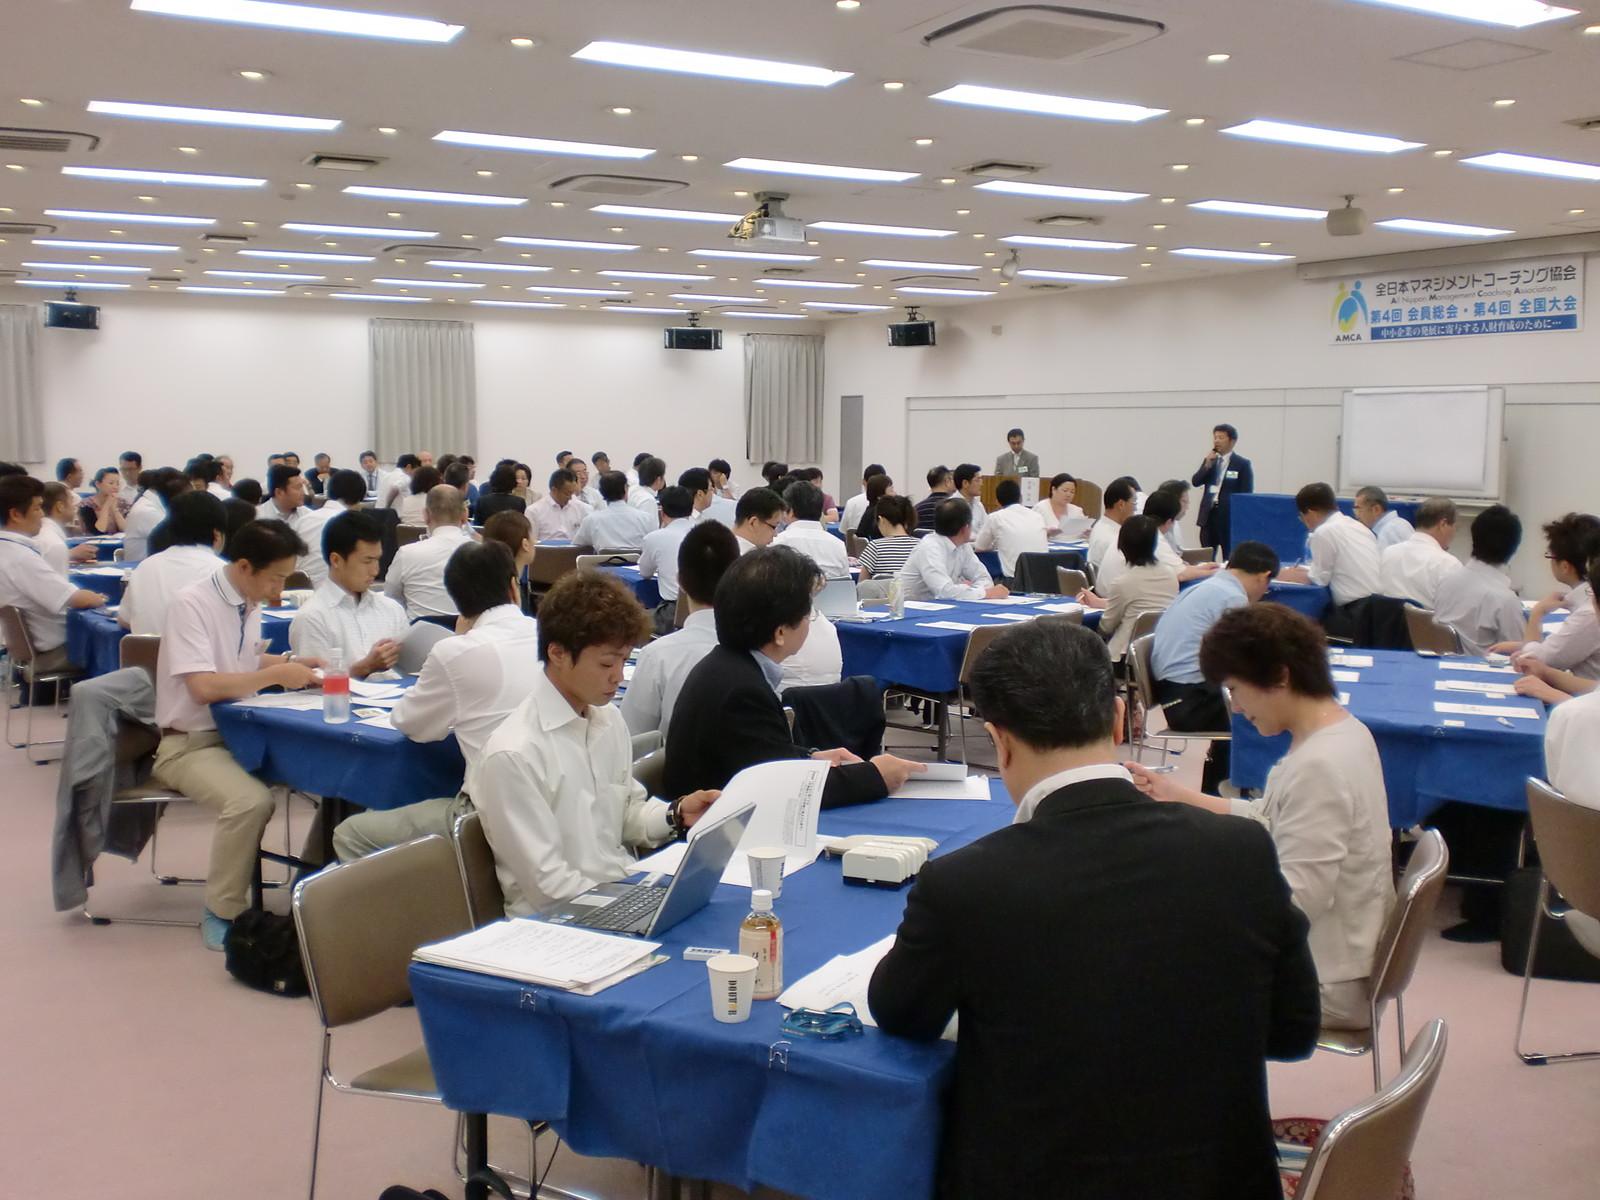 第4回全日本マネジメントコーチング協会全国大会に参加しました。